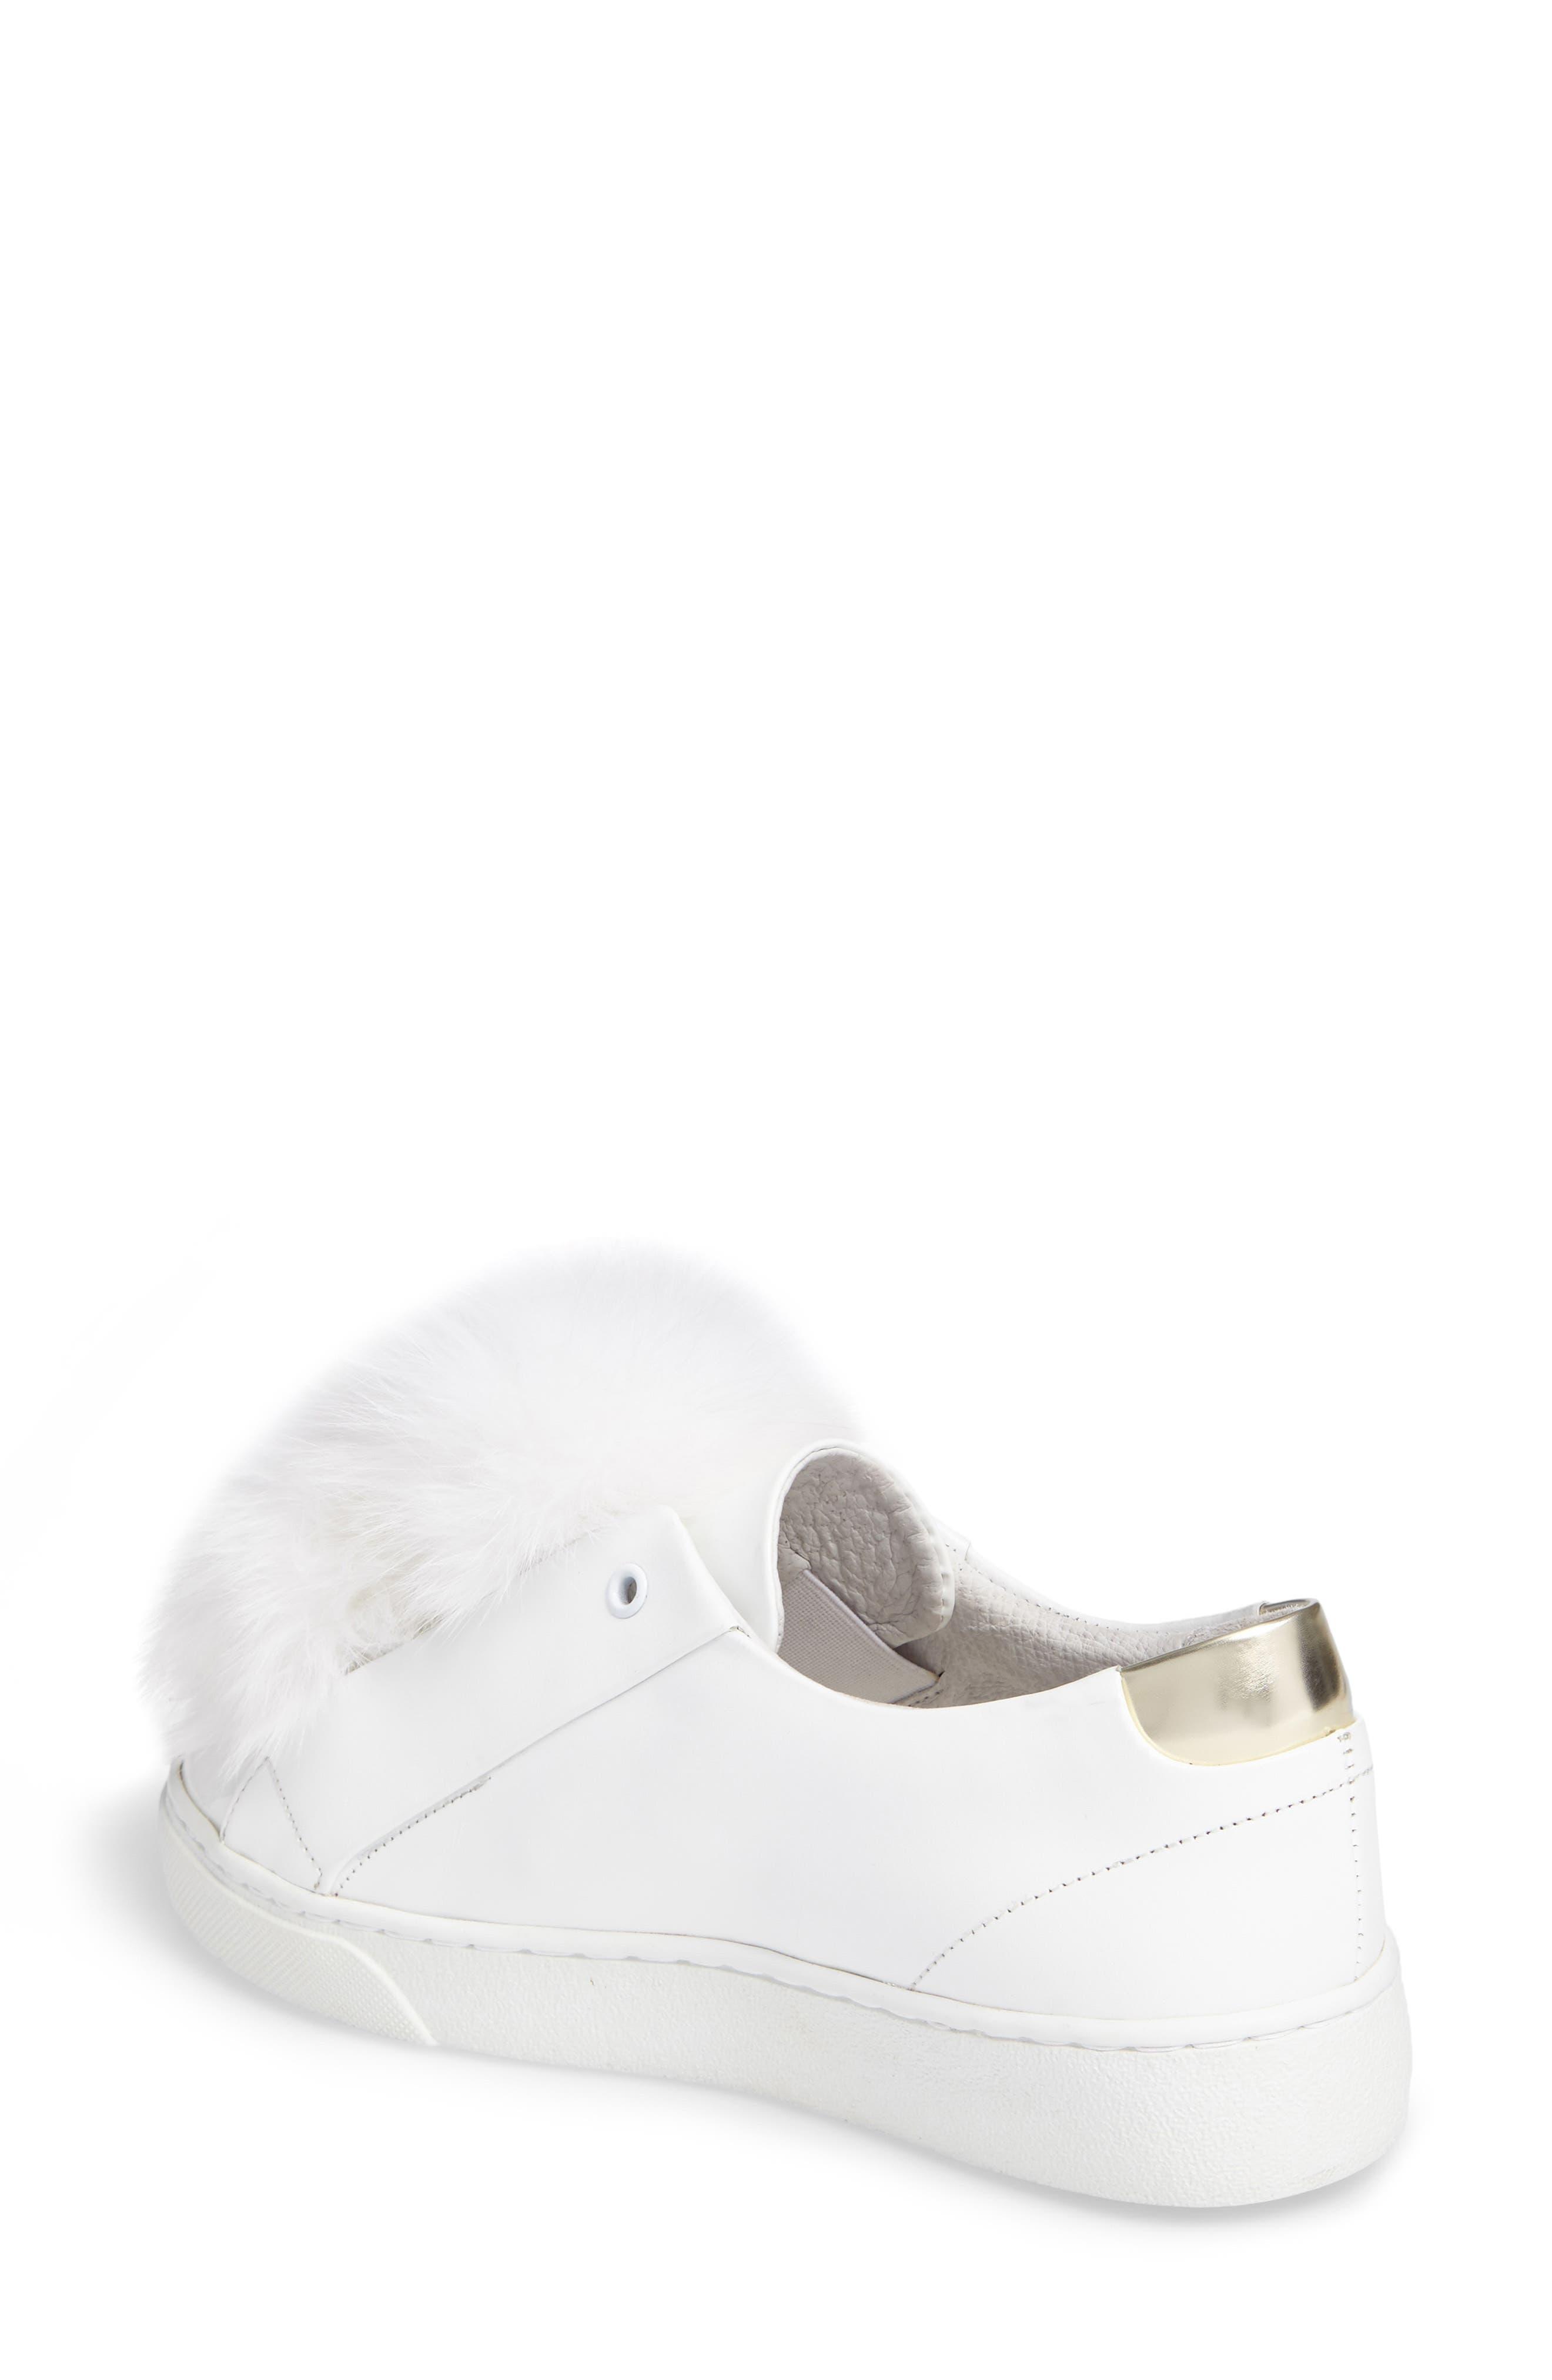 Sugar Genuine Fox Fur Slip-On Sneaker,                             Alternate thumbnail 2, color,                             White Leather